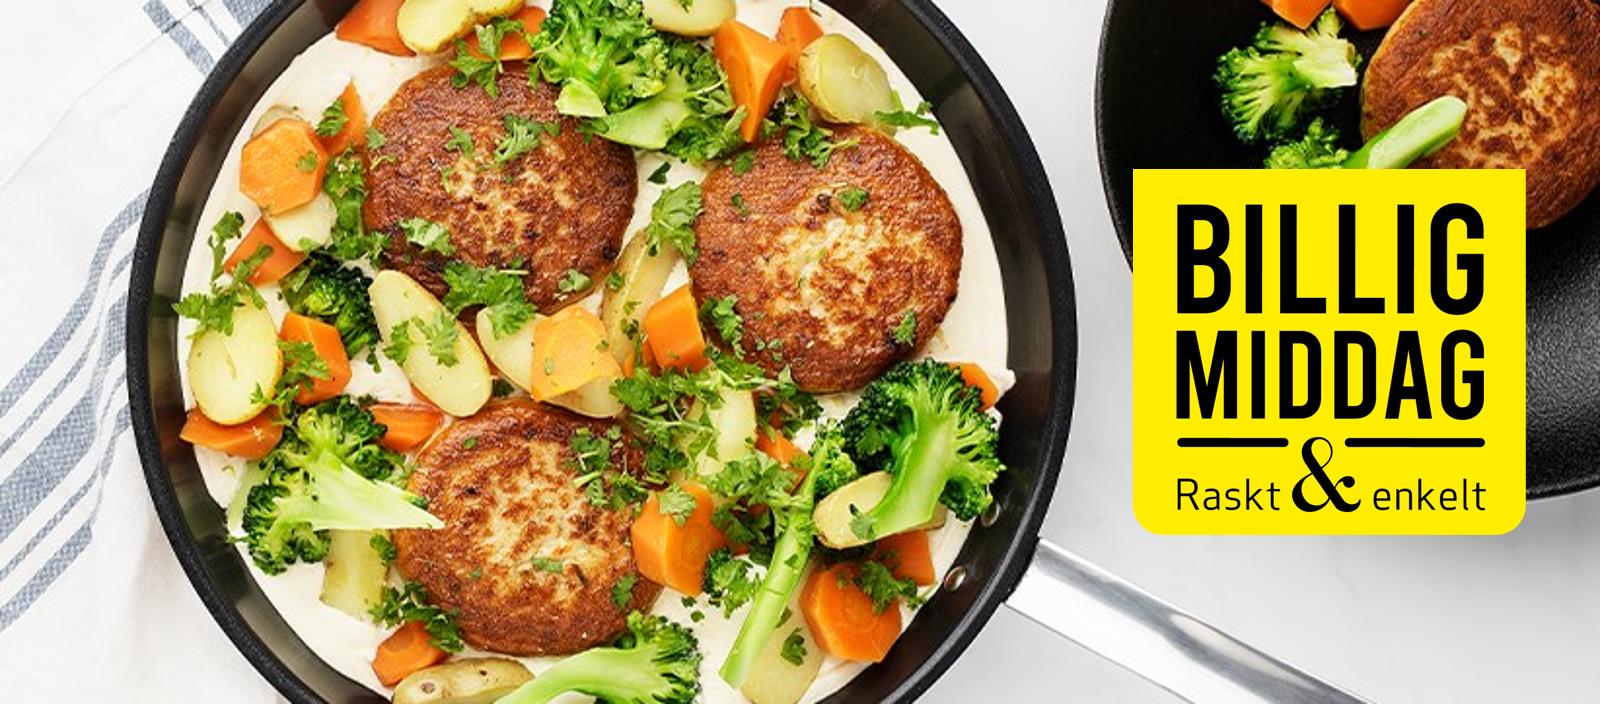 Fiskeburger med potet og grønnsaker i rømmesaus